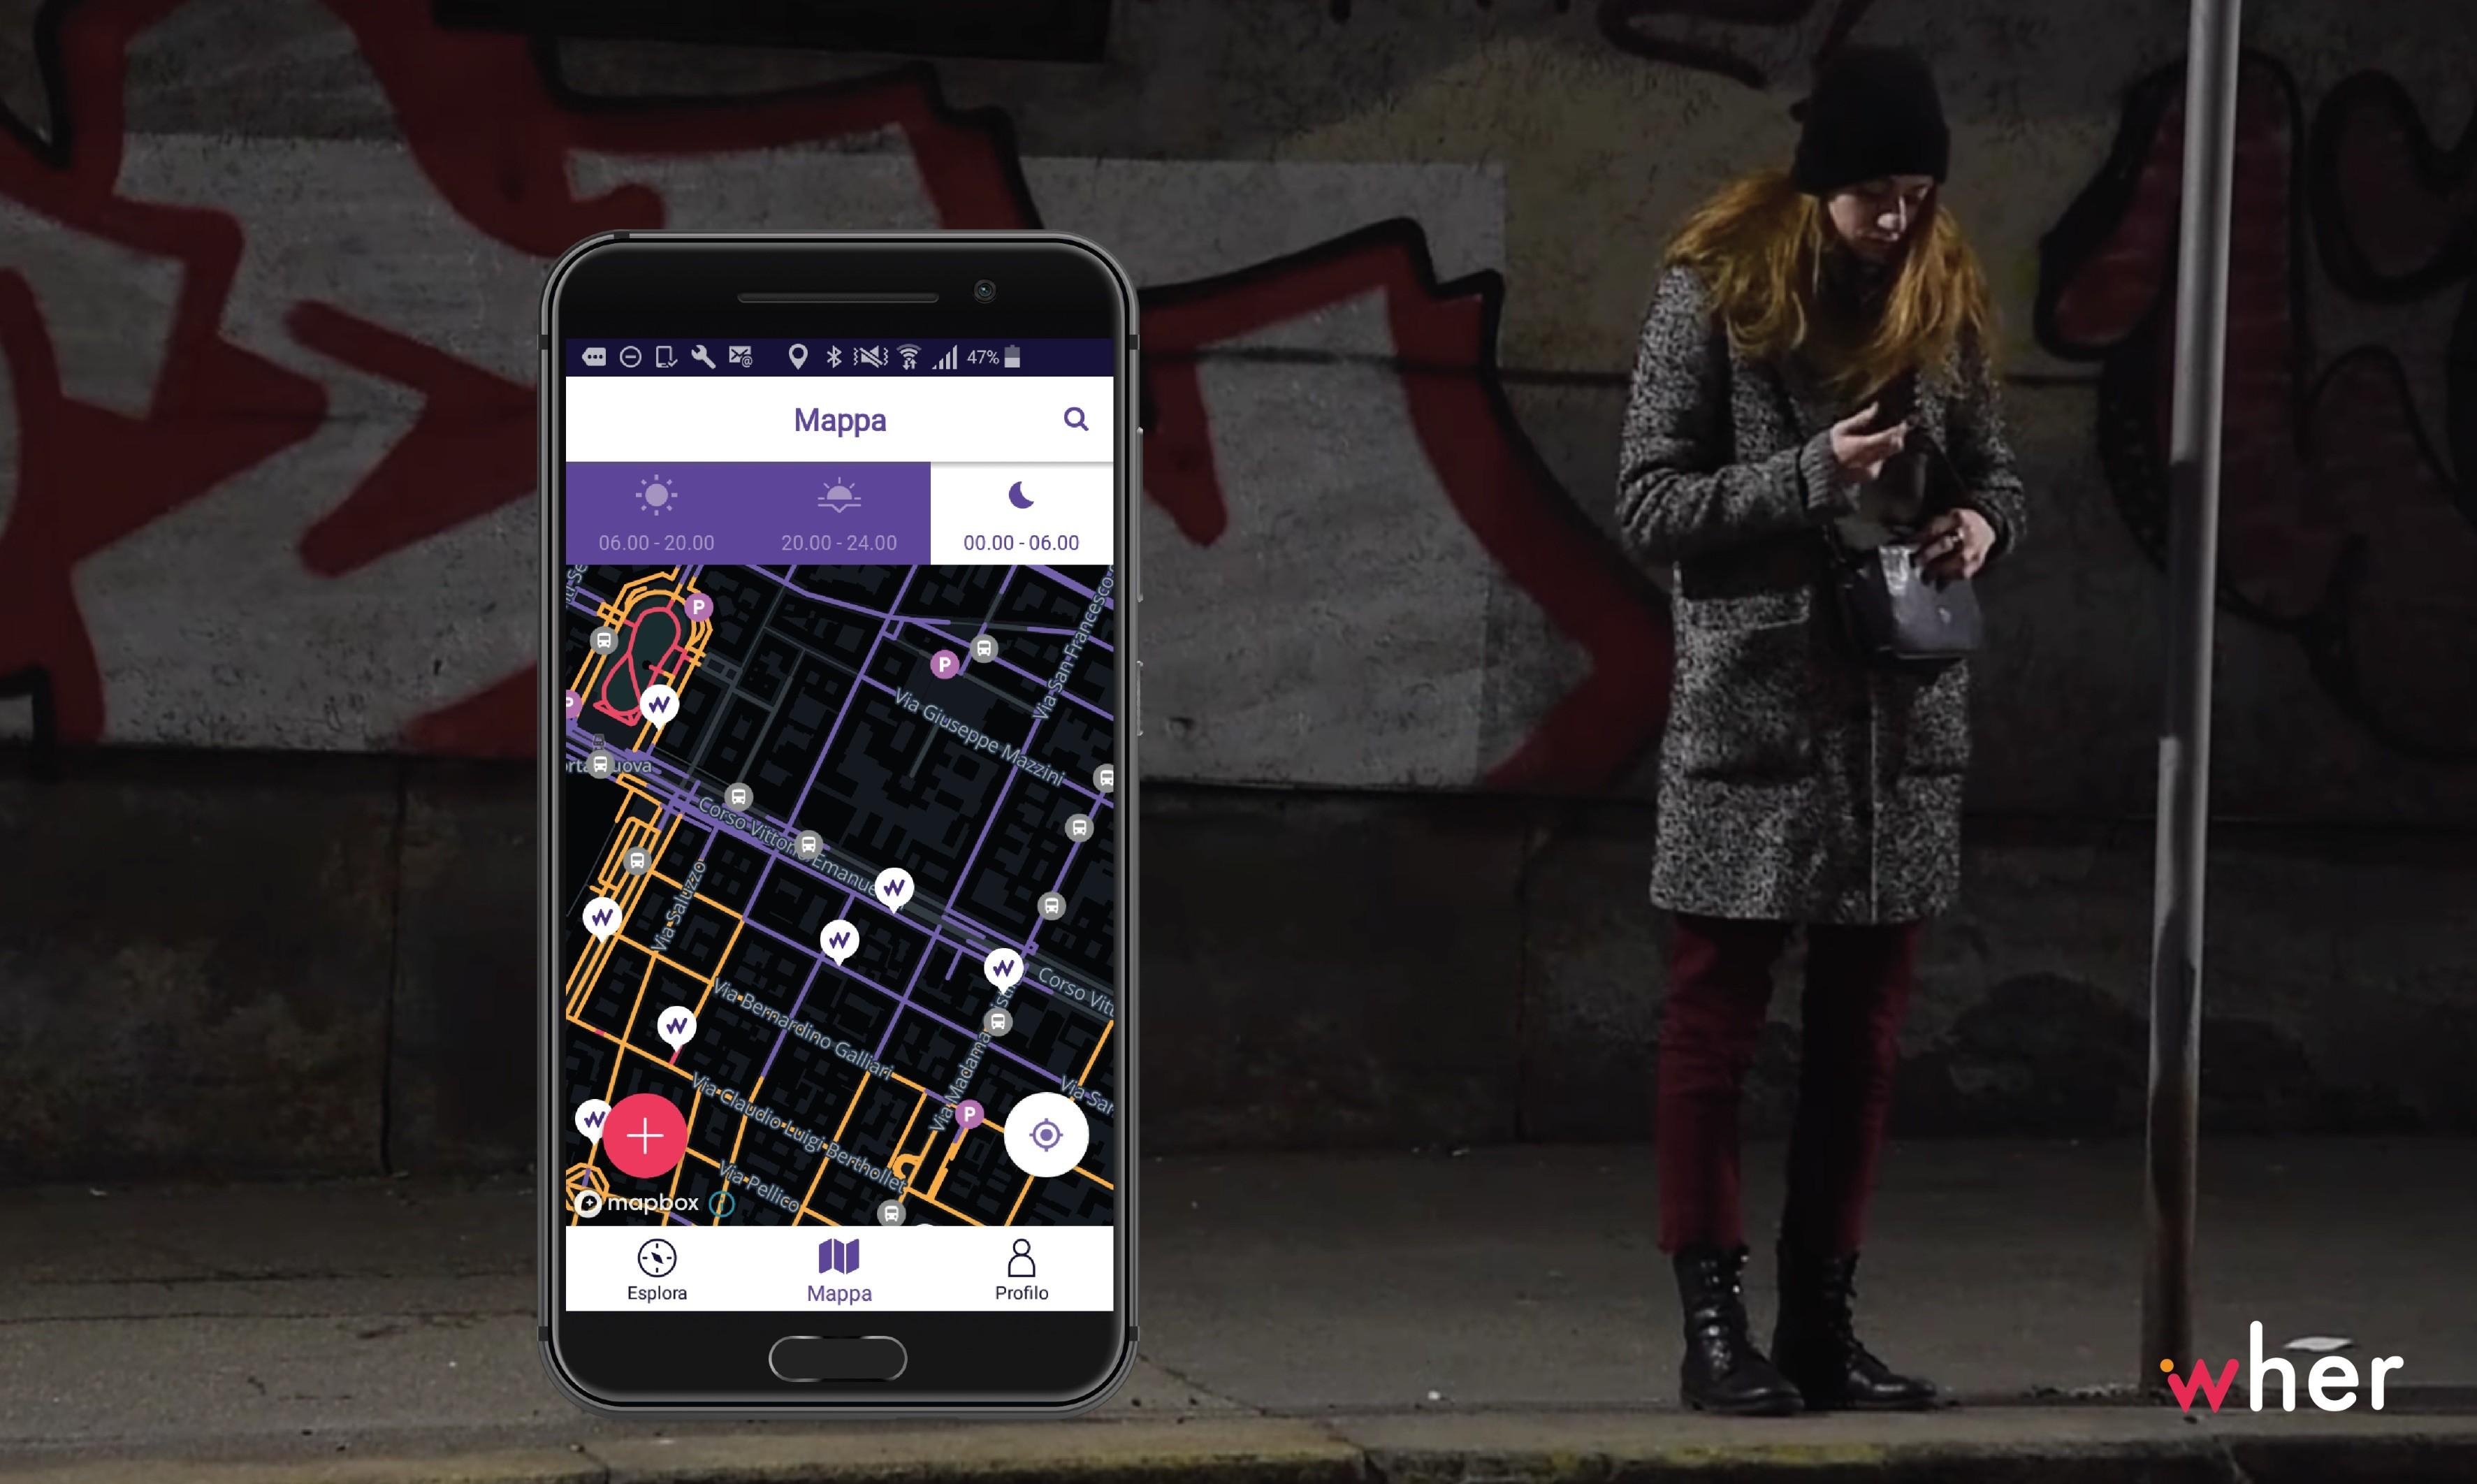 Wher: la aplicación que aconseja a las mujeres las calles más seguras de la ciudad